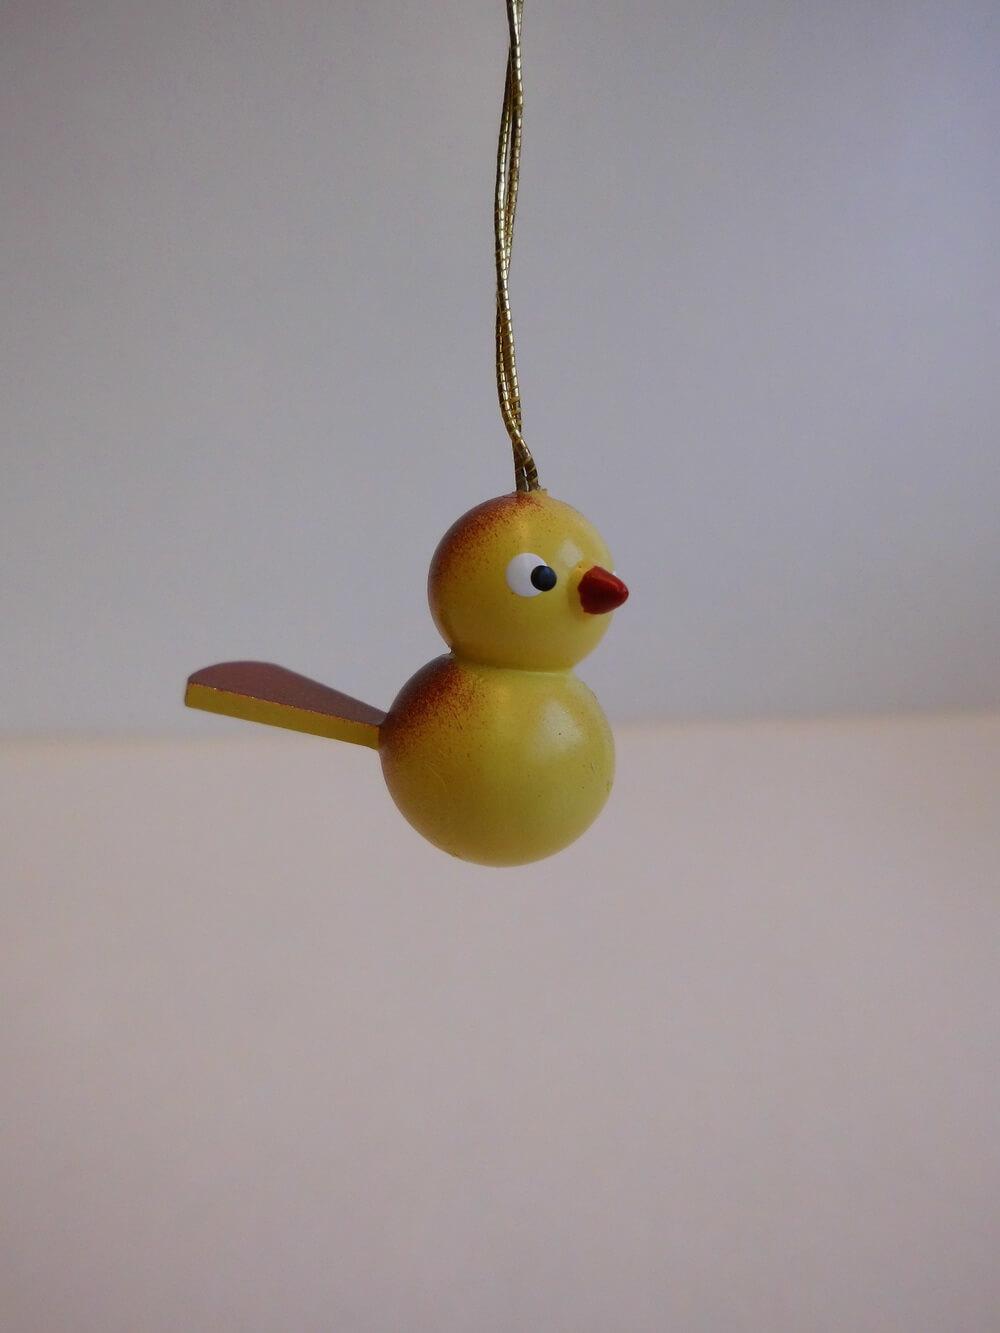 Vögel zum Hängen, 5 Stück, gelb/braun aus Buchenholz gefertigt, bemalt, 3 cm, Nestler-Seiffen.com OHG Seiffen/ Erzgebirge